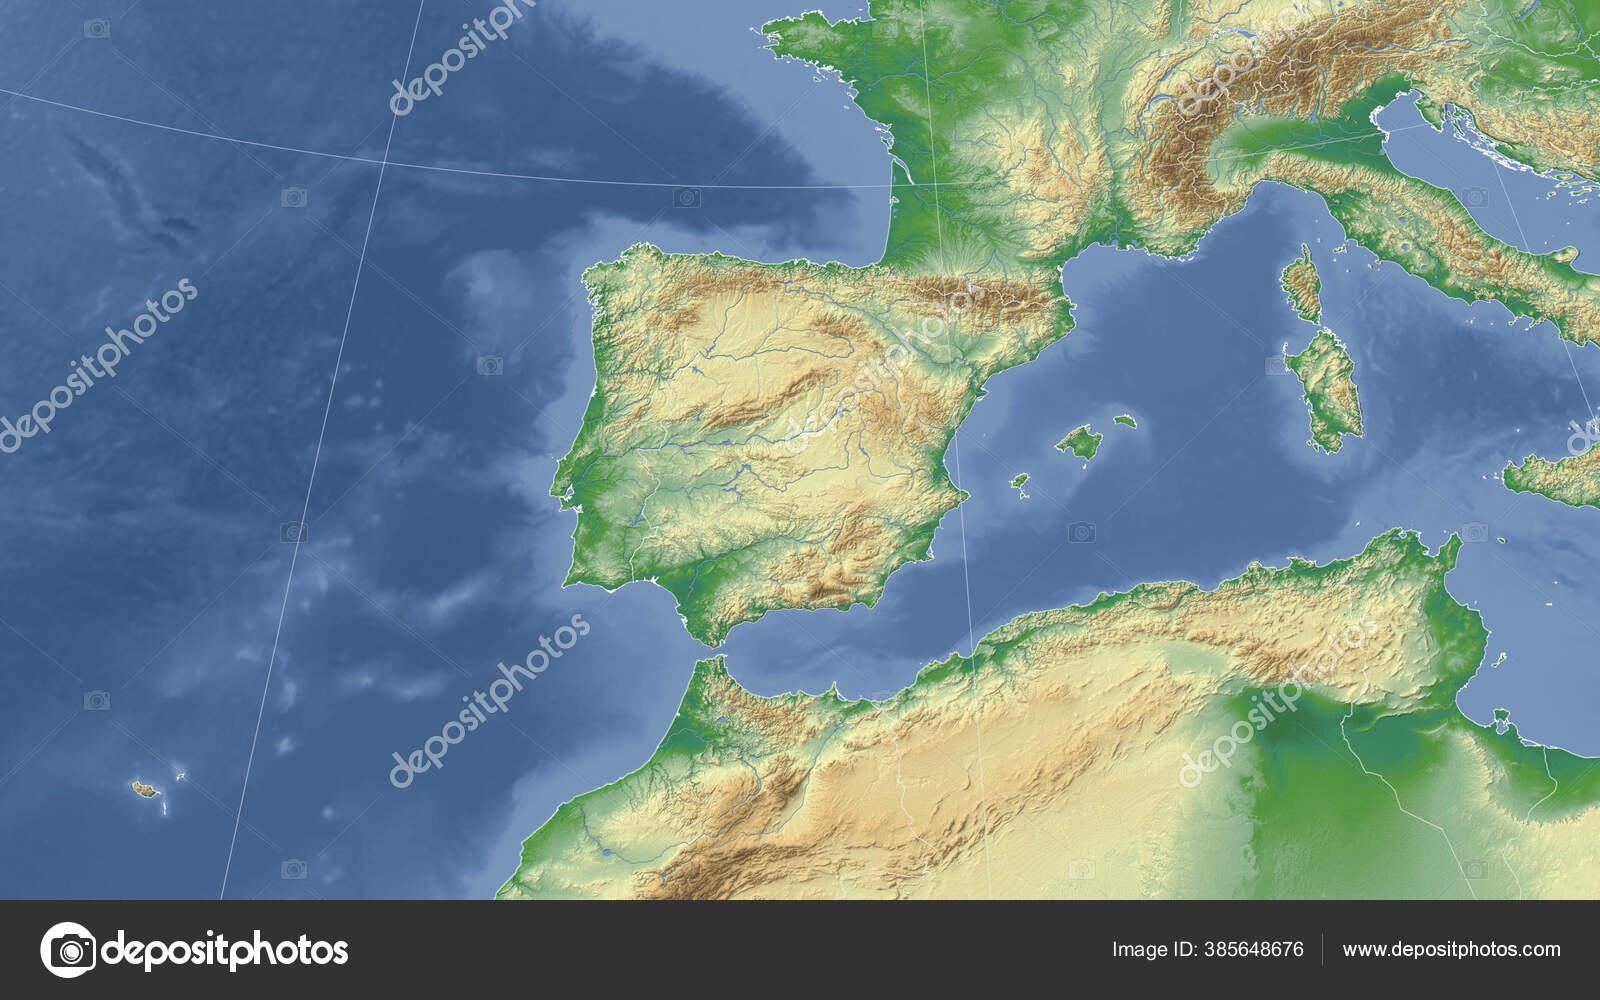 Cartina Fisica Spagna Con Fiumi.Foto Cartina Fisica Spagna Immagini Cartina Fisica Spagna Da Scaricare Foto Stock Depositphotos